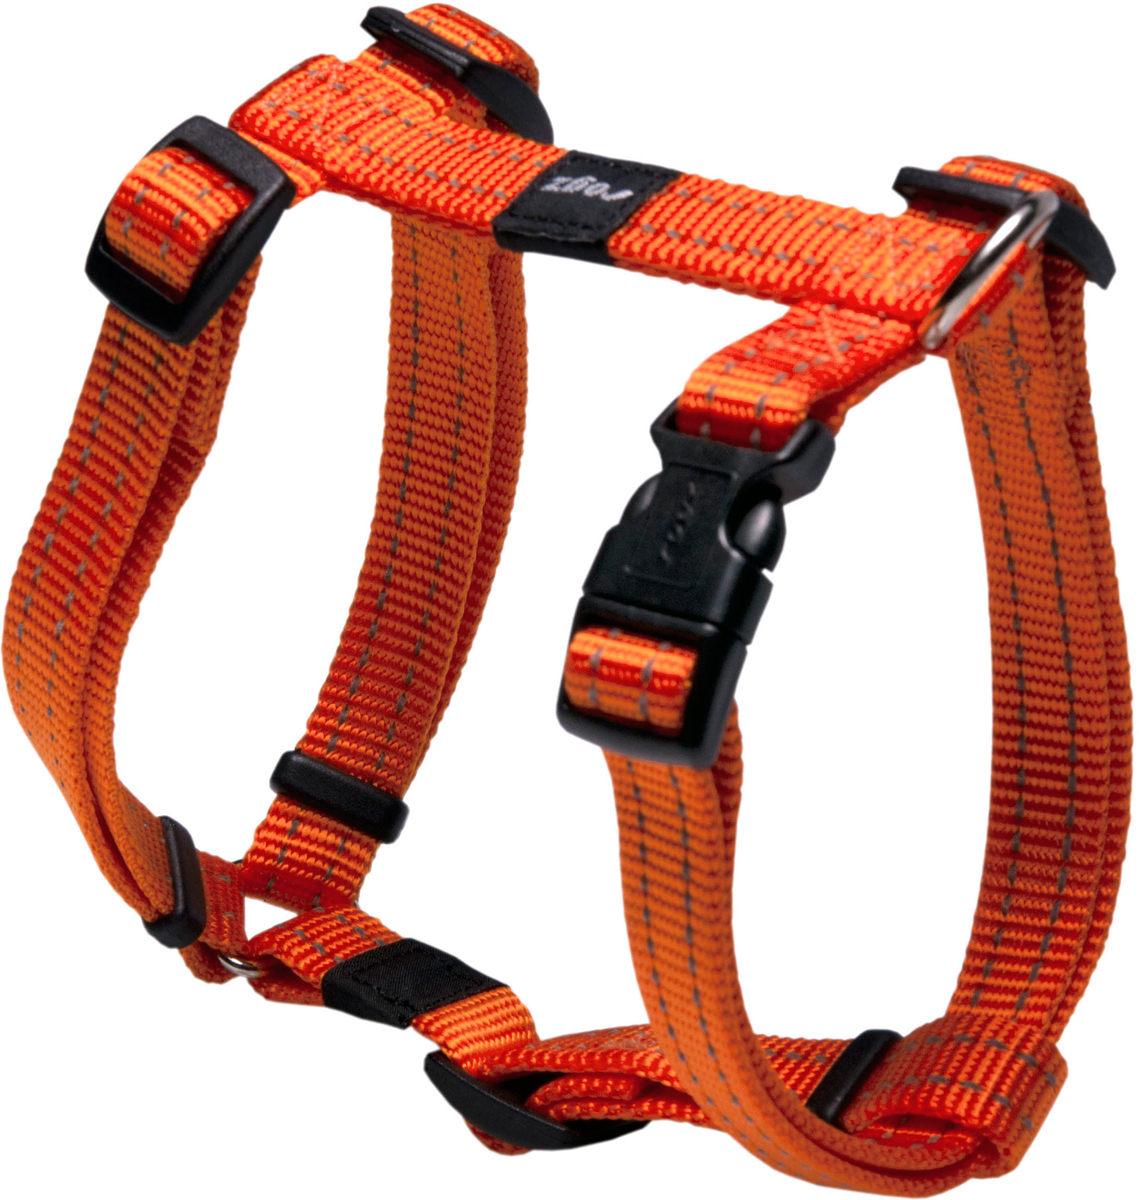 Шлейка для собак Rogz  Utility , цвет: оранжевый, ширина 1,6 см. Размер M - Товары для прогулки и дрессировки (амуниция)